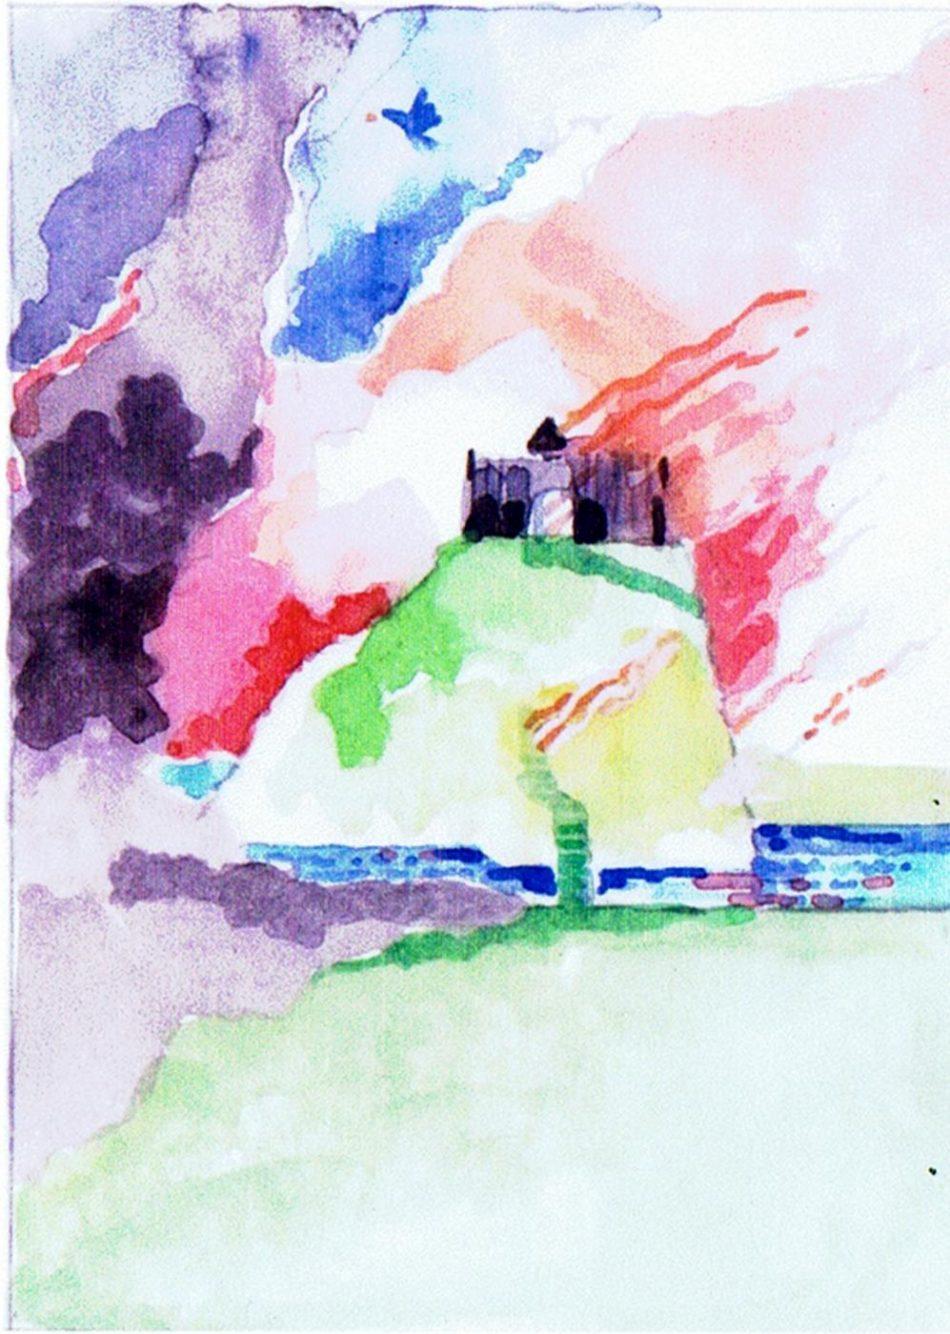 Unlicensed castles were demolished after the civil war